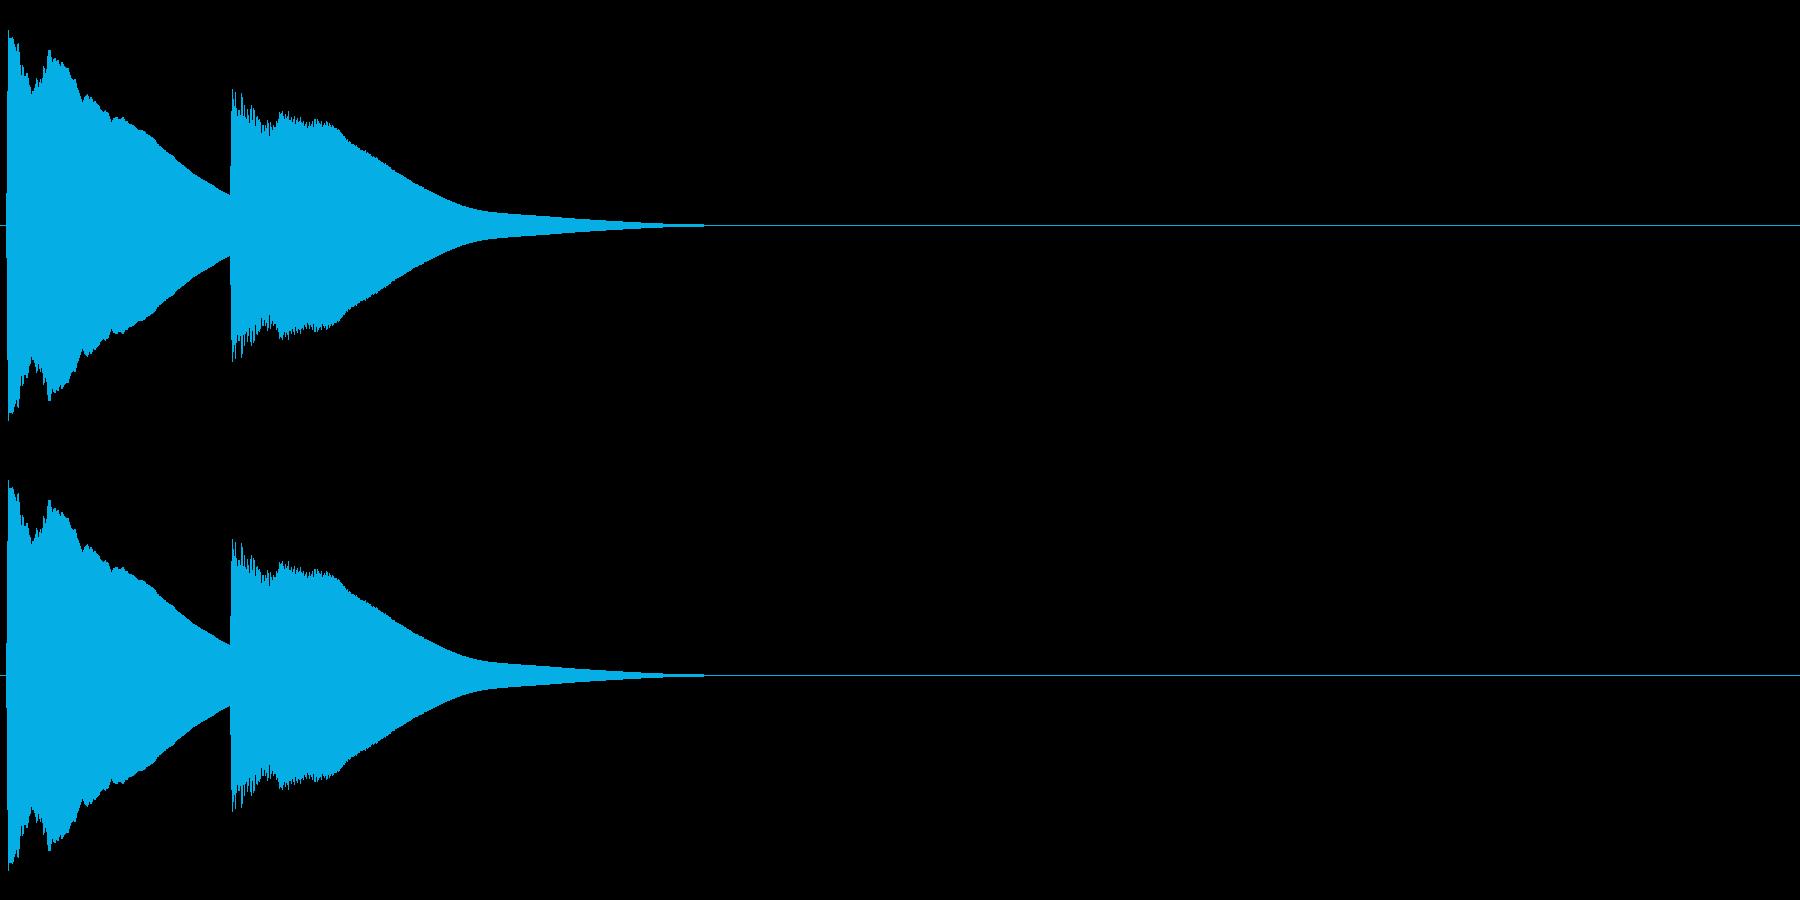 ピンポン(チャイム)の再生済みの波形